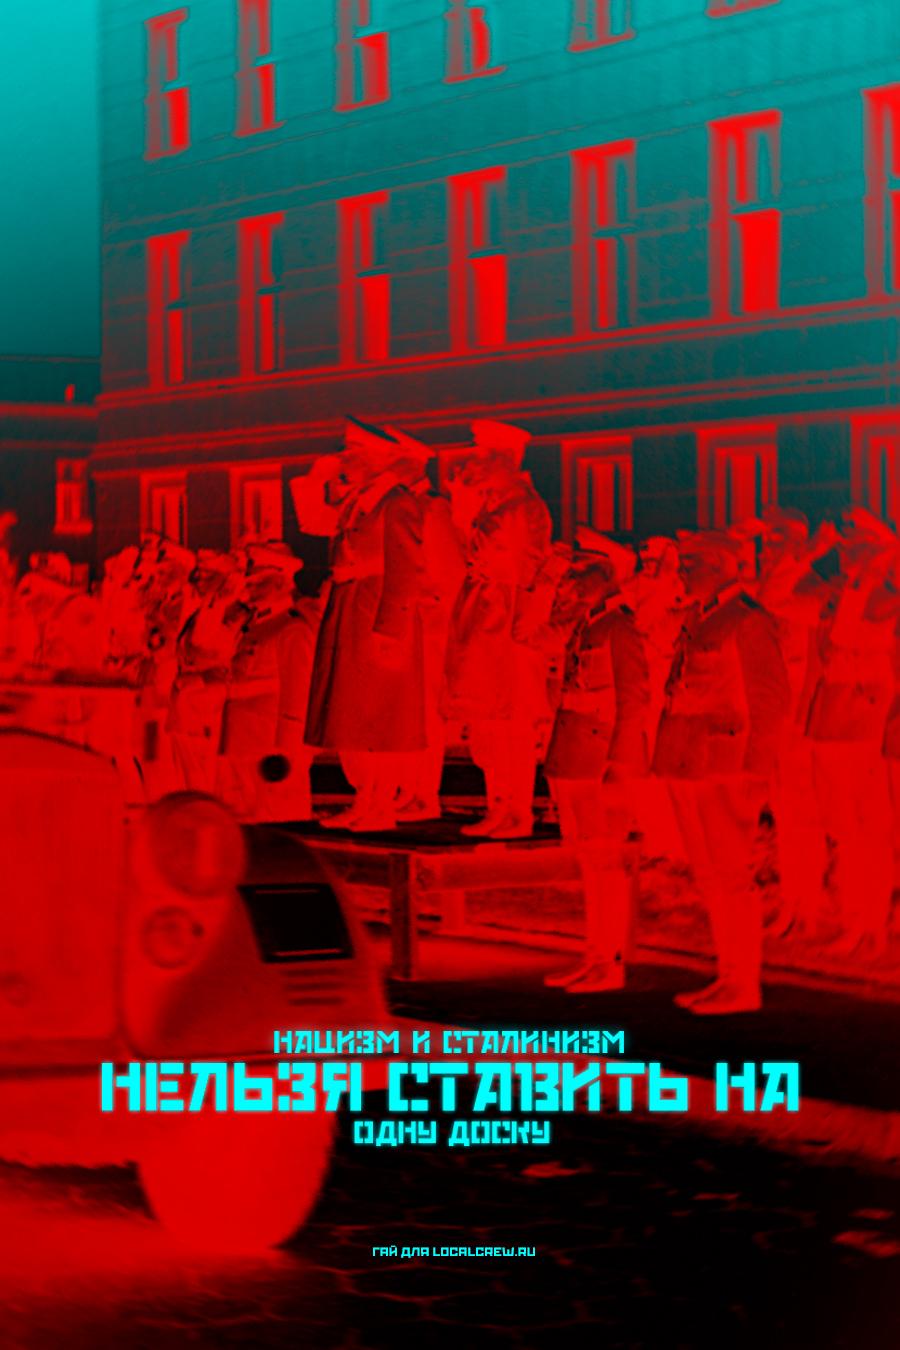 Нацизм и сталинизм нельзя ставить на одну доску (часть 1)